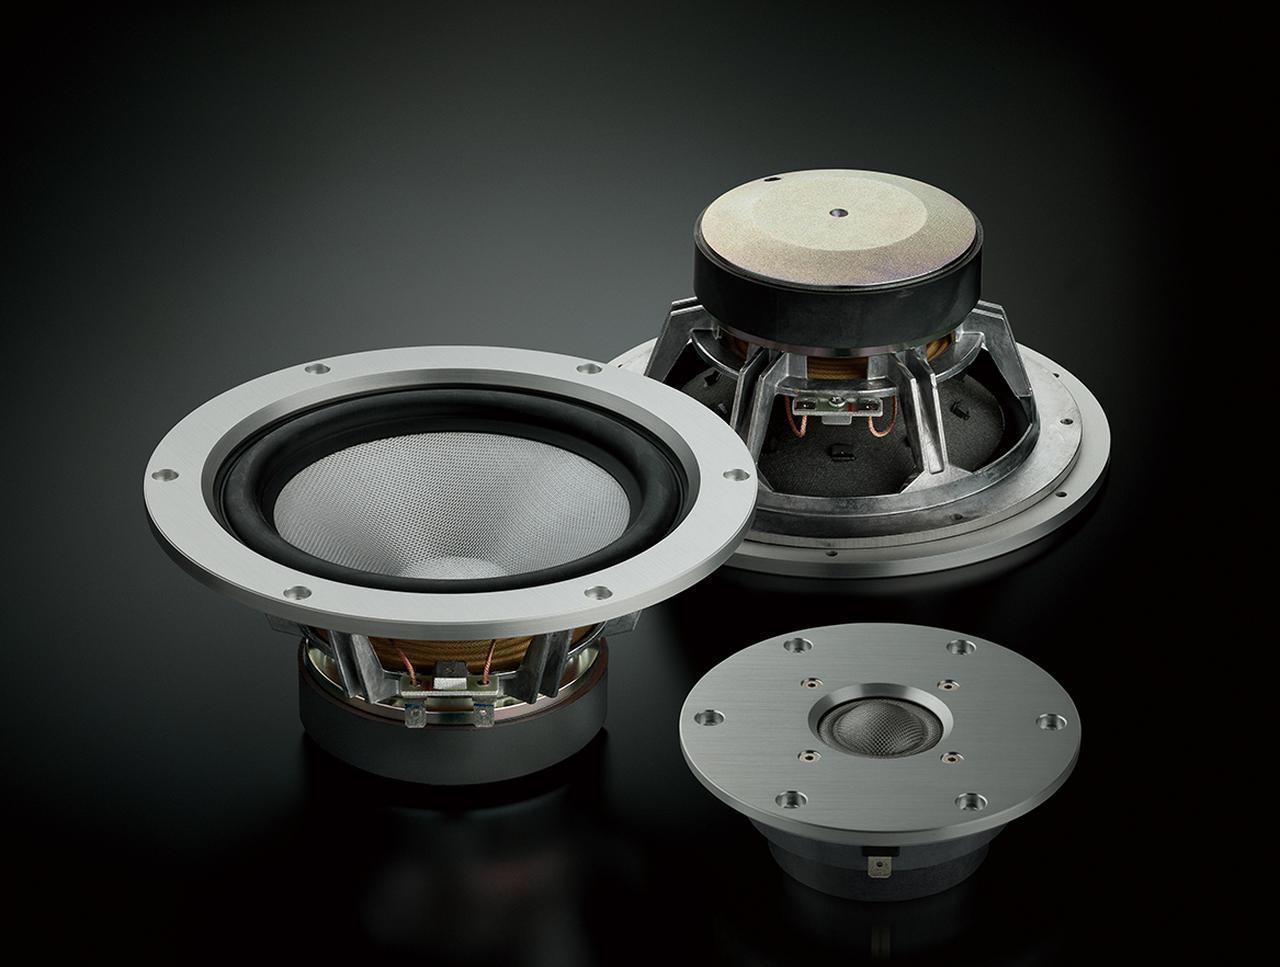 画像: トゥイーターとウーファーには世界一の強度を備えた繊維素材であり、ベリリウムの音速とアラミド繊維の内部損失、両方の特性を併せ持つ「ZYLON」を使用。そこにモネル合金蒸着コーティングを施したヤマハ独自の振動板が採用されている。トゥイーターはNS-5000と共通、ウーファーは今回新たに開発された